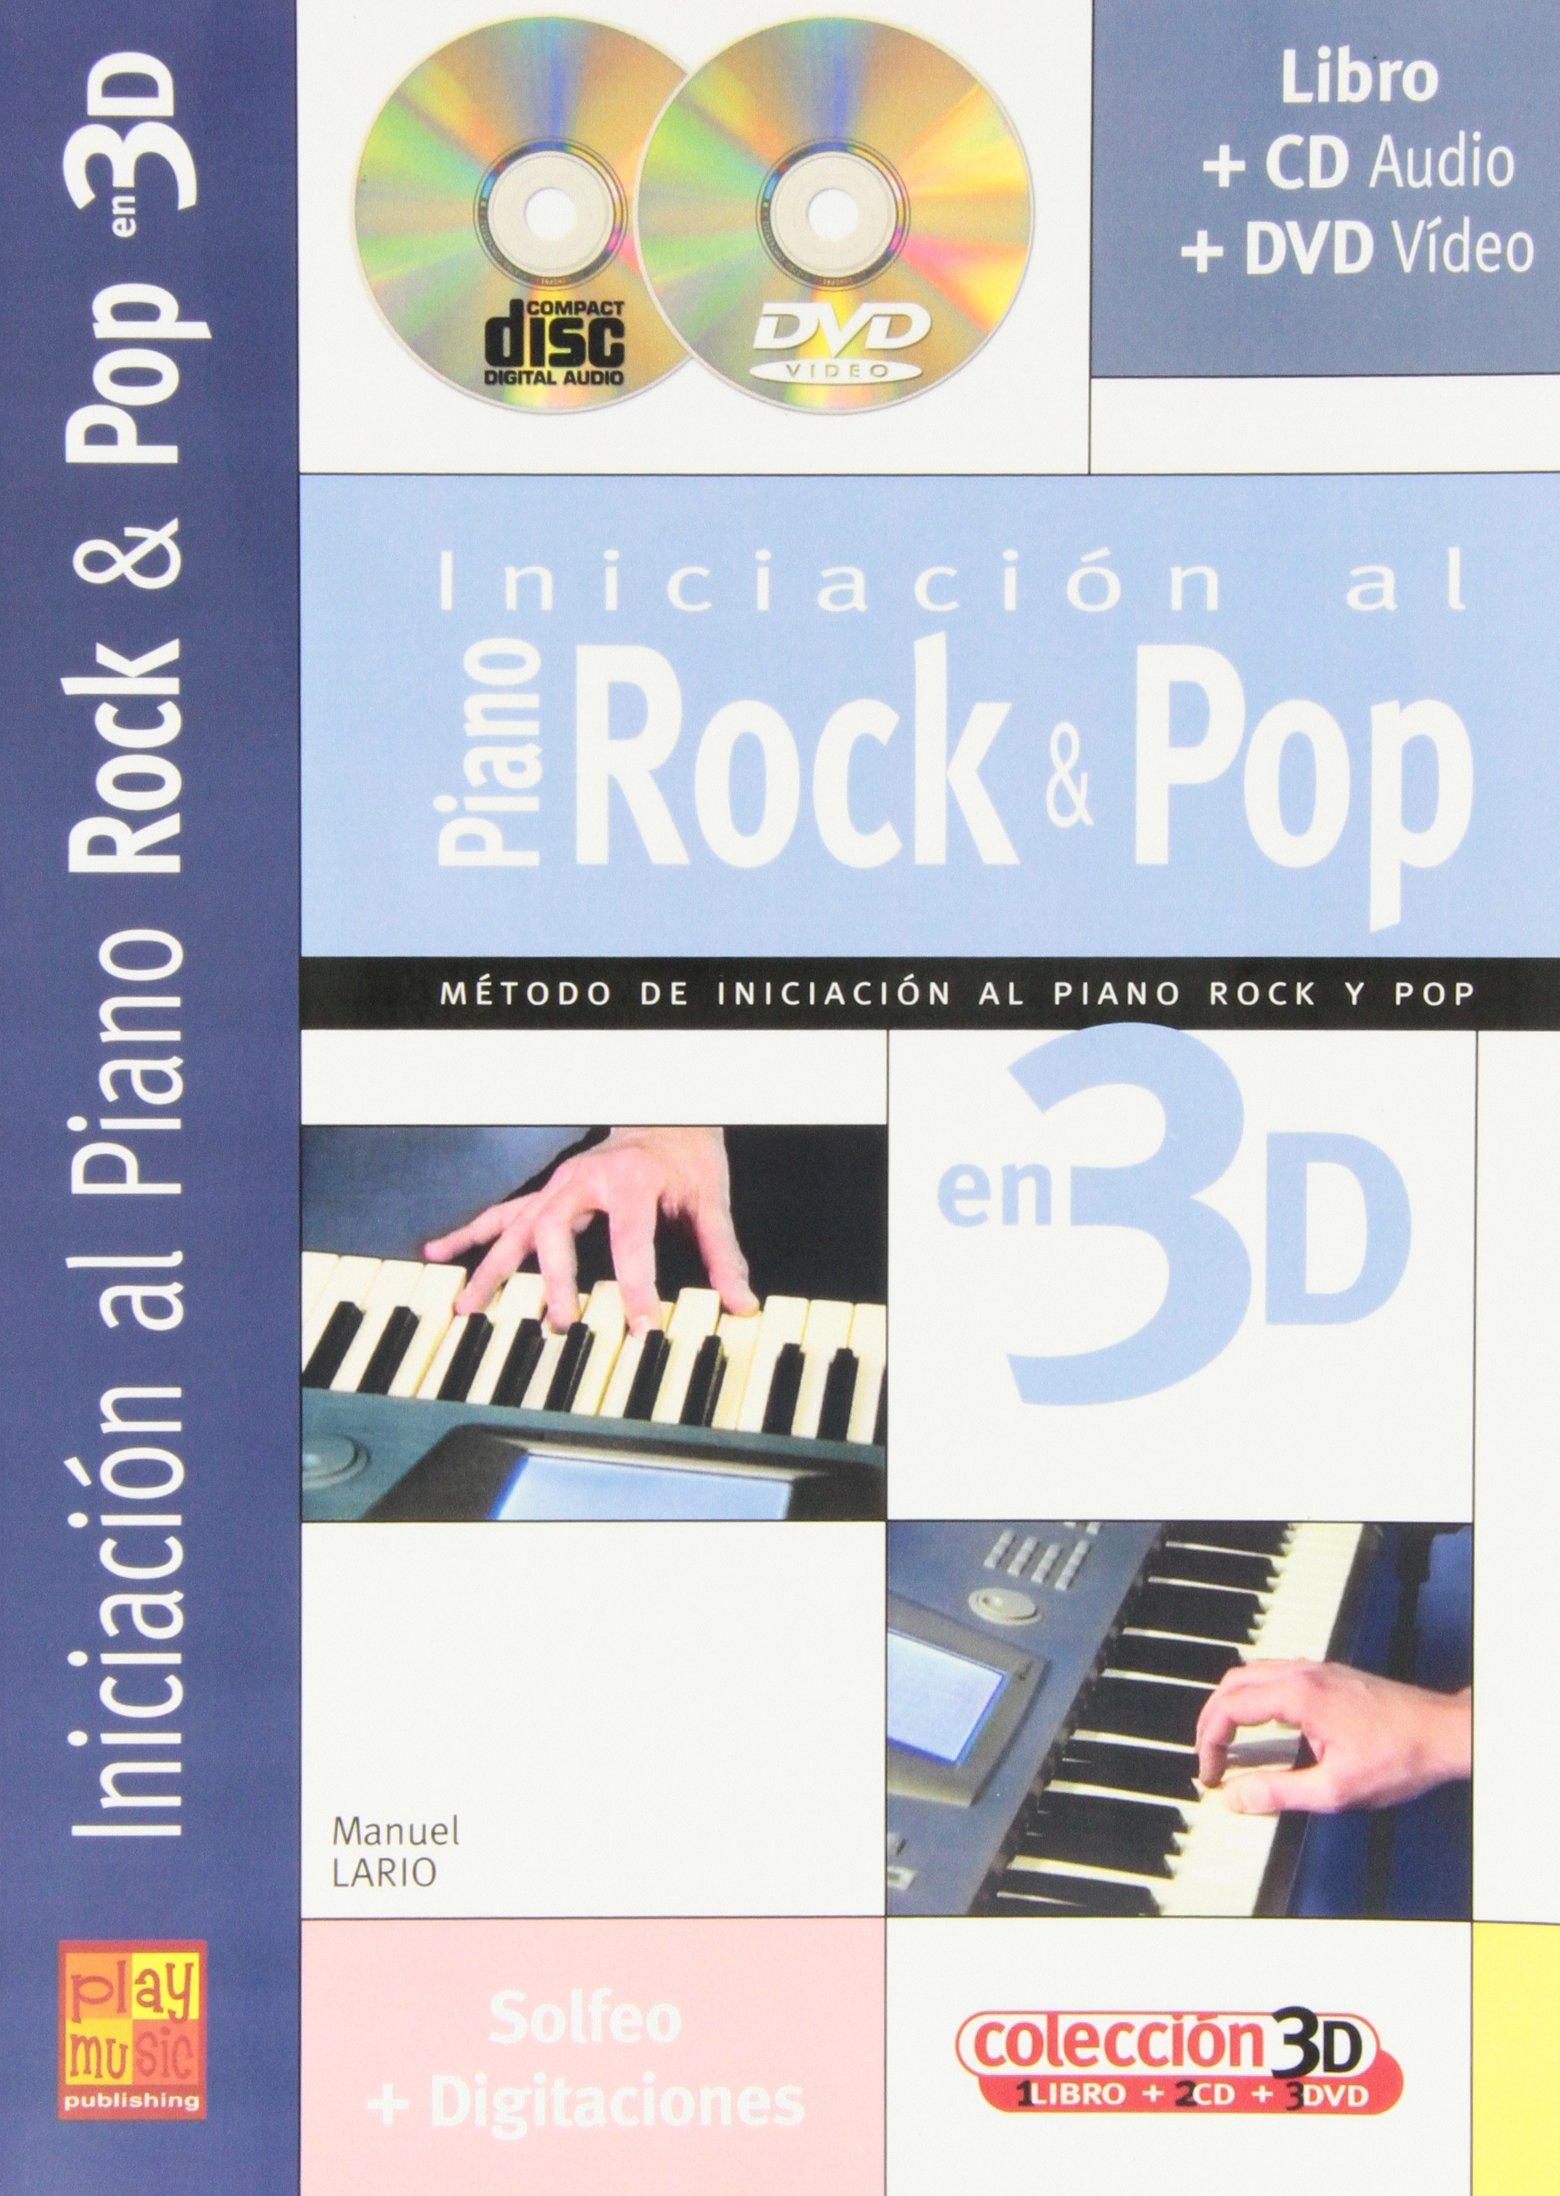 Iniciación al Piano Rock & Pop en 3D Play Music España: Amazon.es: Lario, Manuel, Piano: Libros